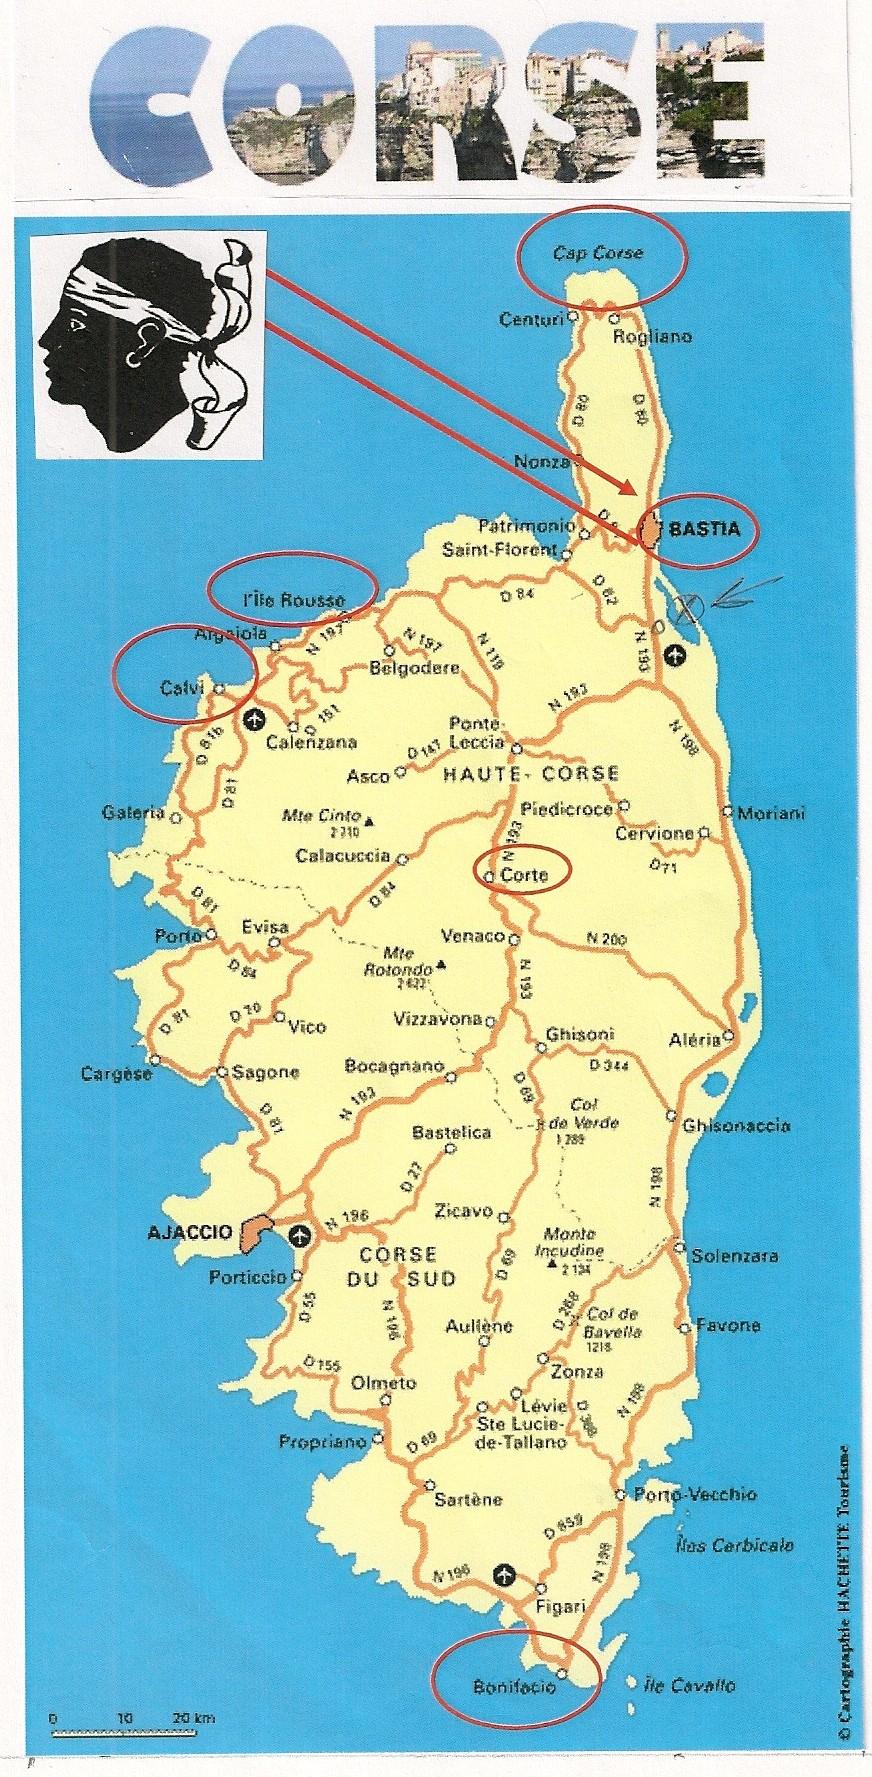 Voyage Corse Carte